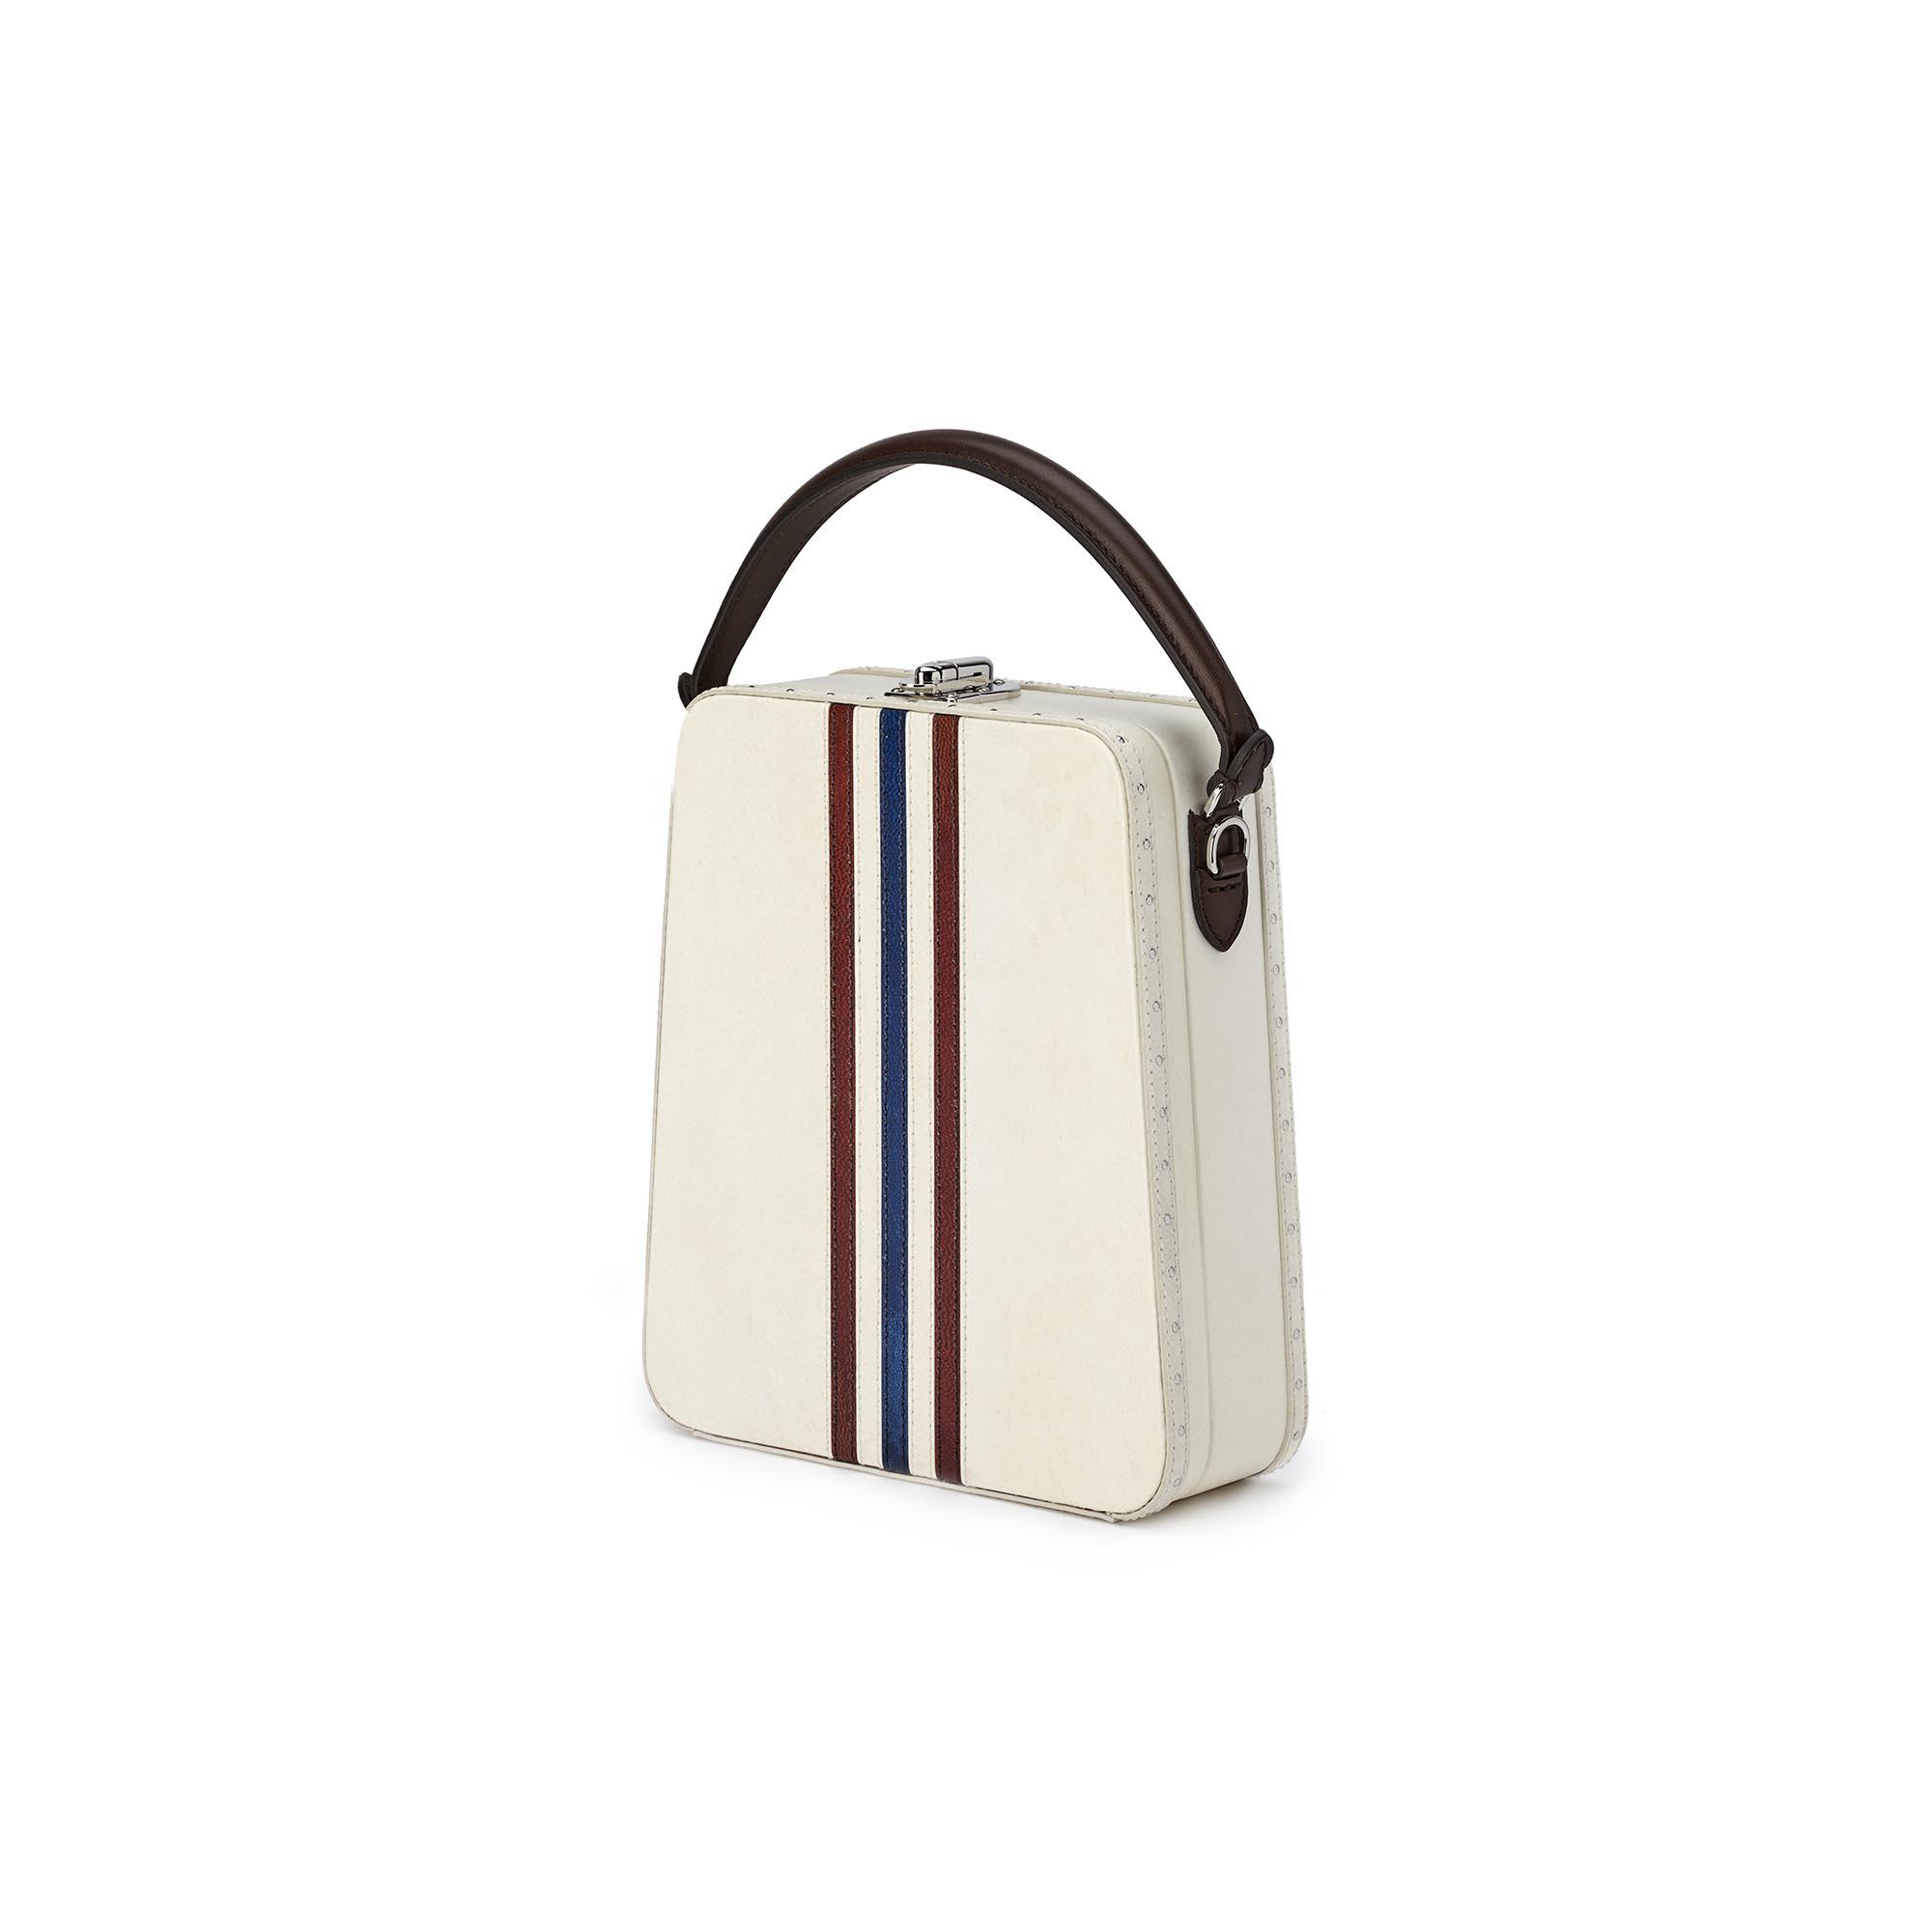 Tall-Bertoncina-ivory-parchment-bag-Bertoni-1949_02